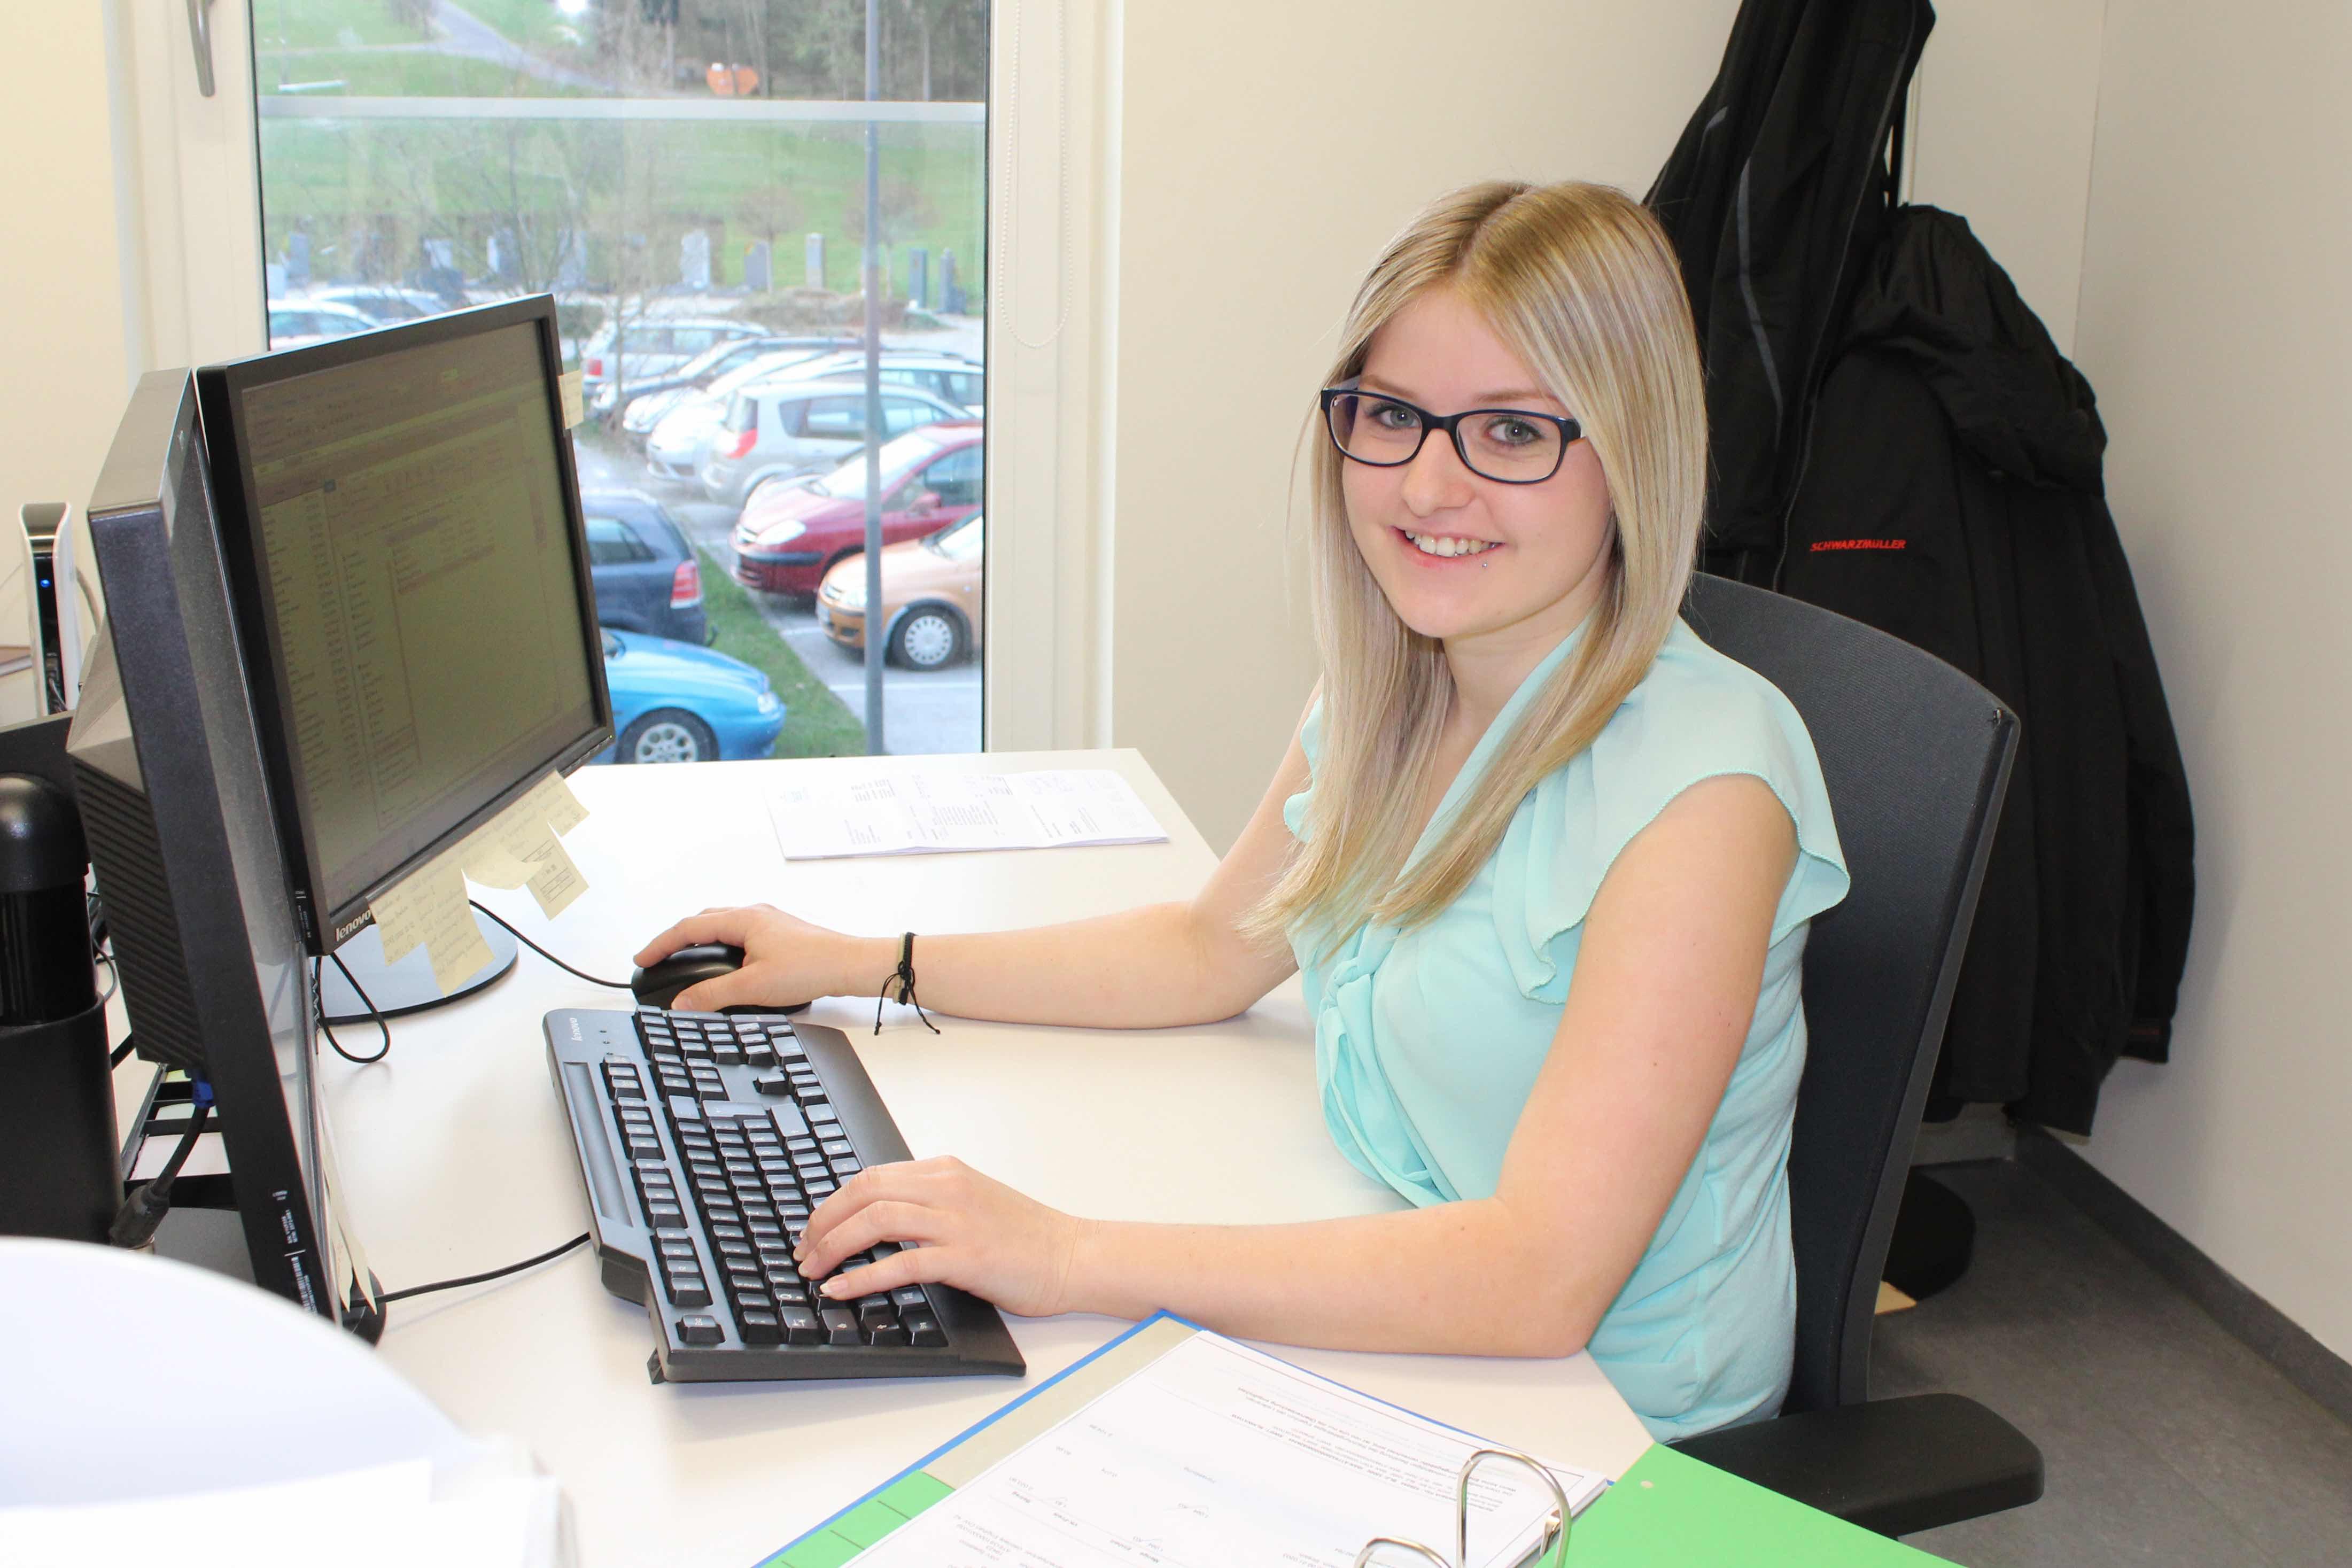 Eine Frau sitzt am Schreibtisch vor dem Computer.